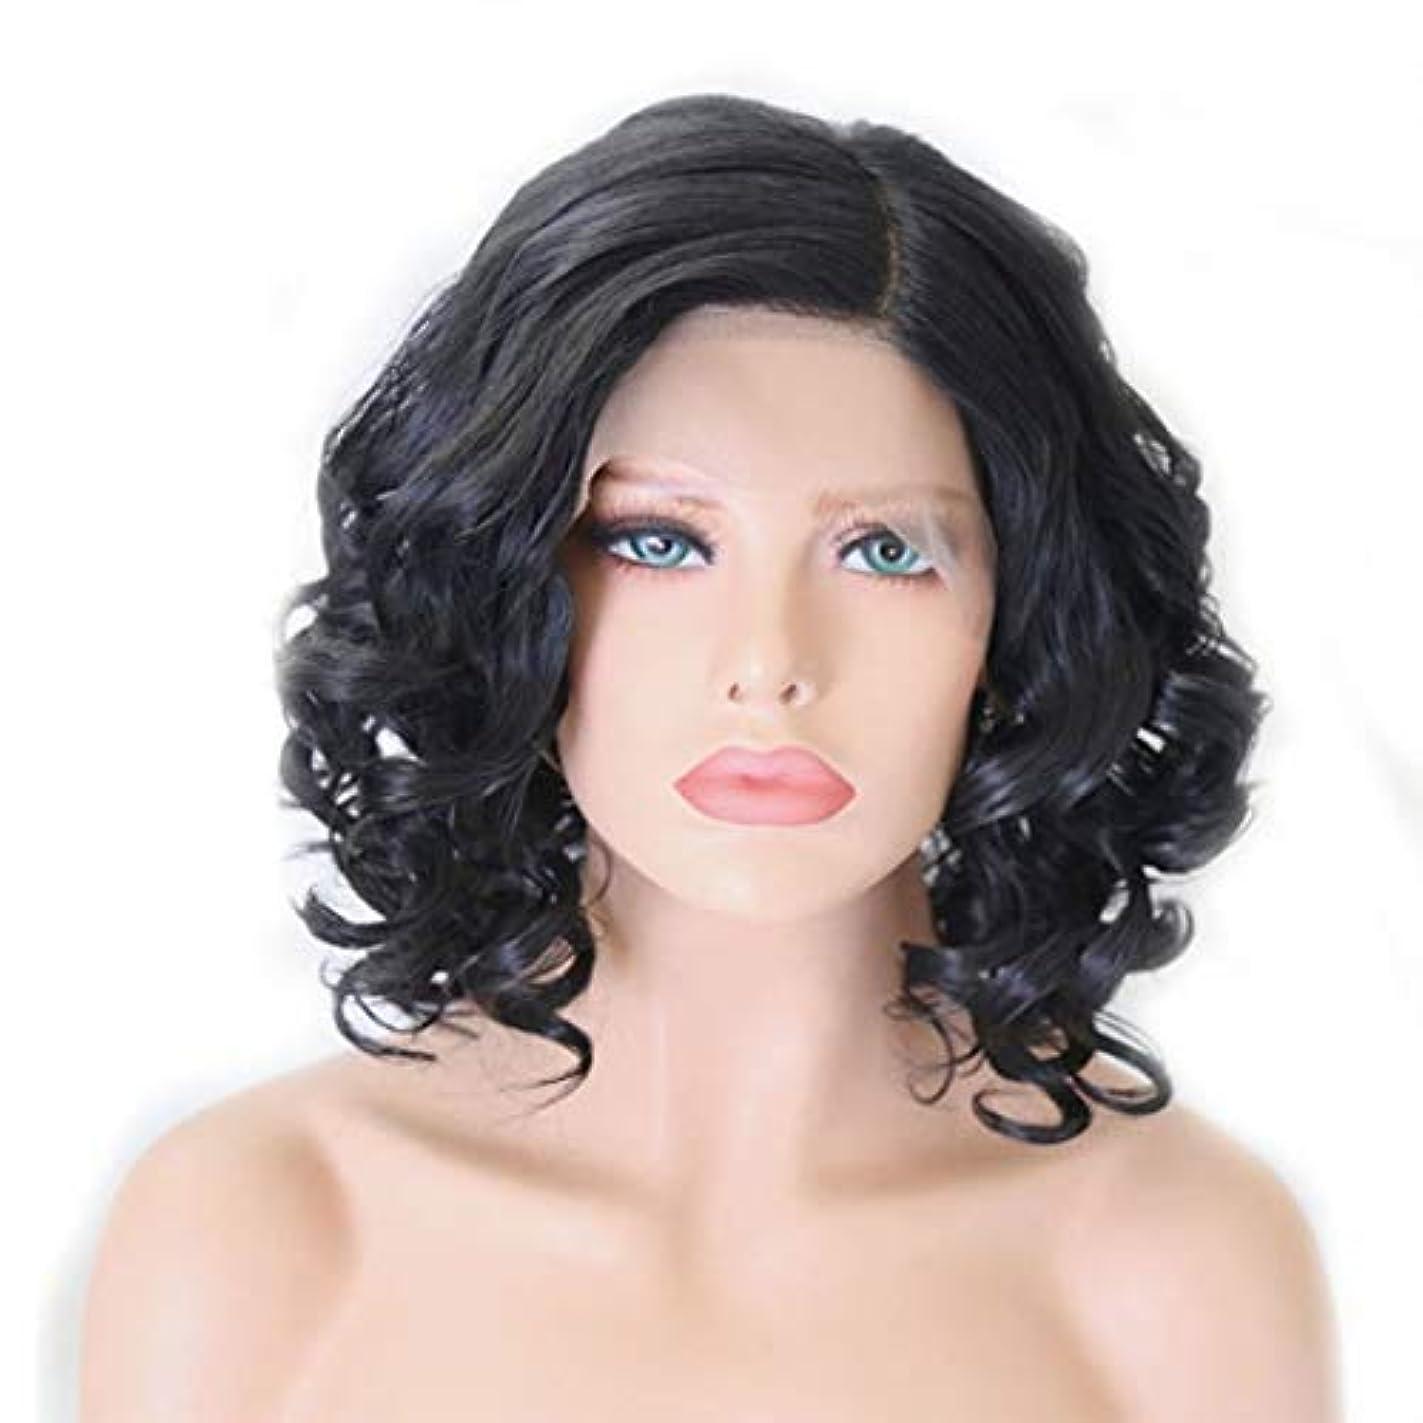 フレット品種シフトKerwinner フロントレースかつら女性のための短い巻き毛のふわふわ高温シルクケミカルファイバーウィッグ (Color : Black, Size : 16 inches)